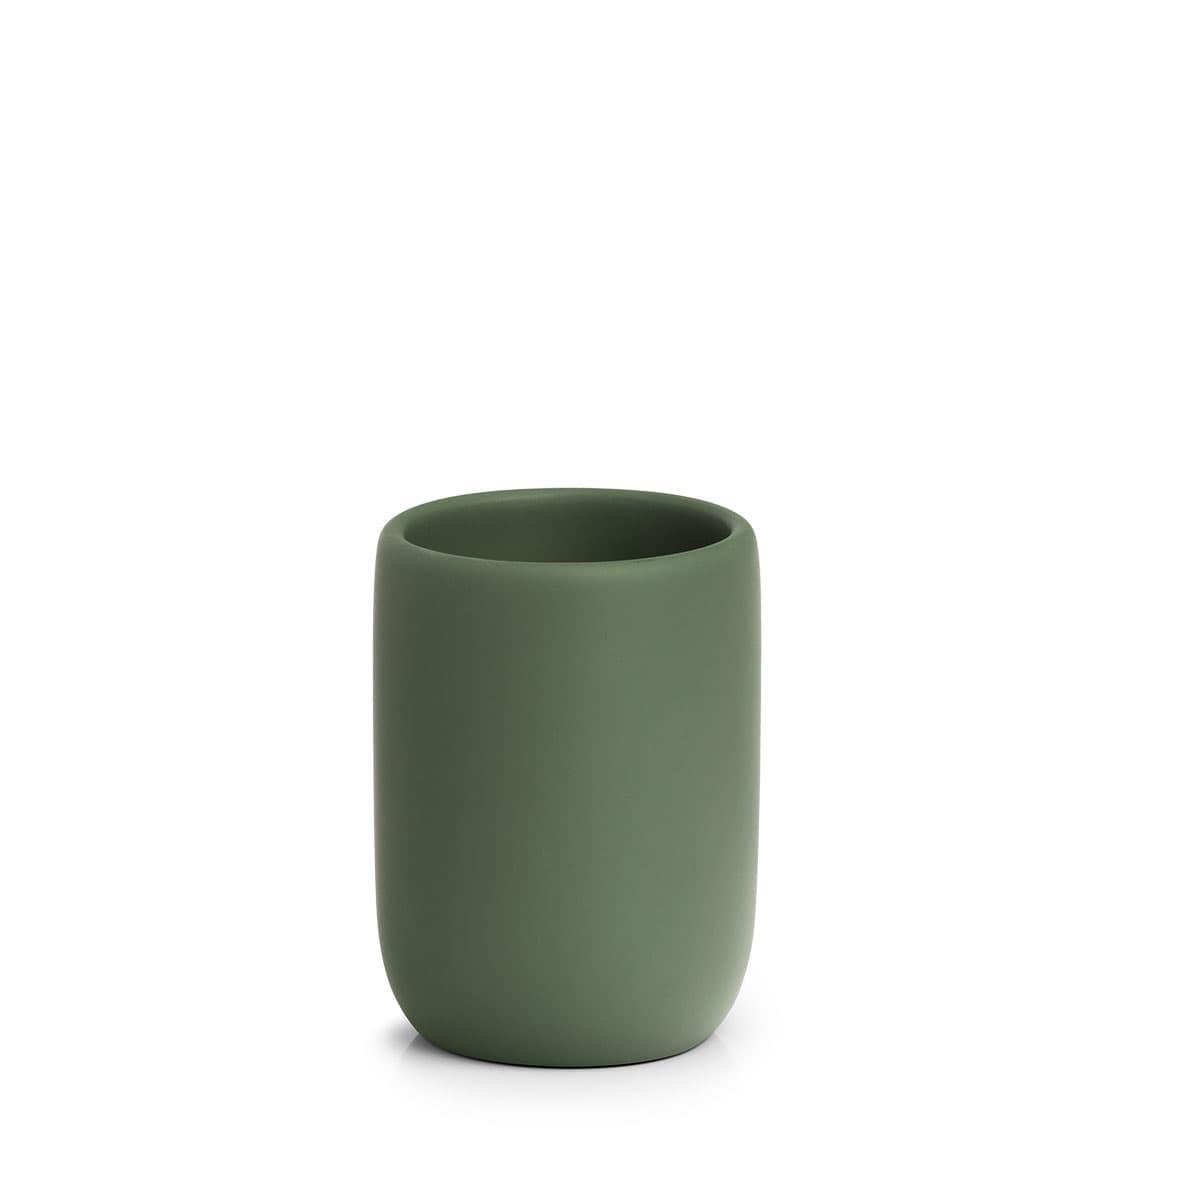 Pahar pentru periuta de dinti, din polirasina, Sage Verde Inchis, Ø7,2xH10 cm